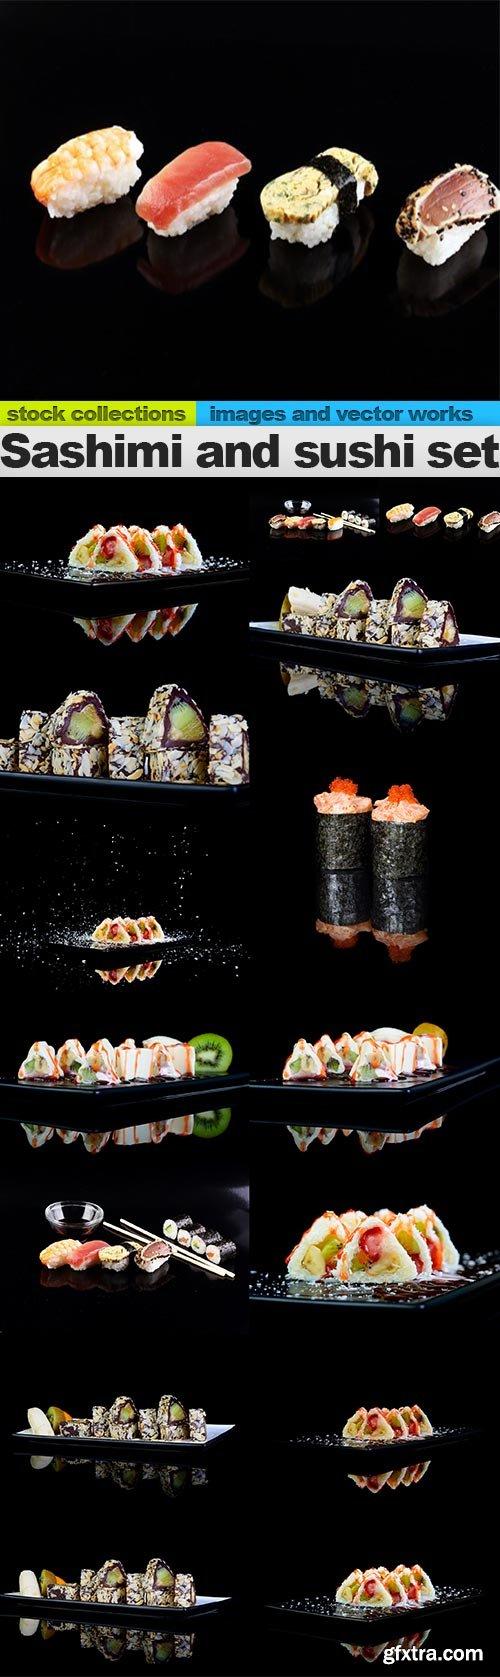 Sashimi and sushi set, 15 x UHQ JPEG